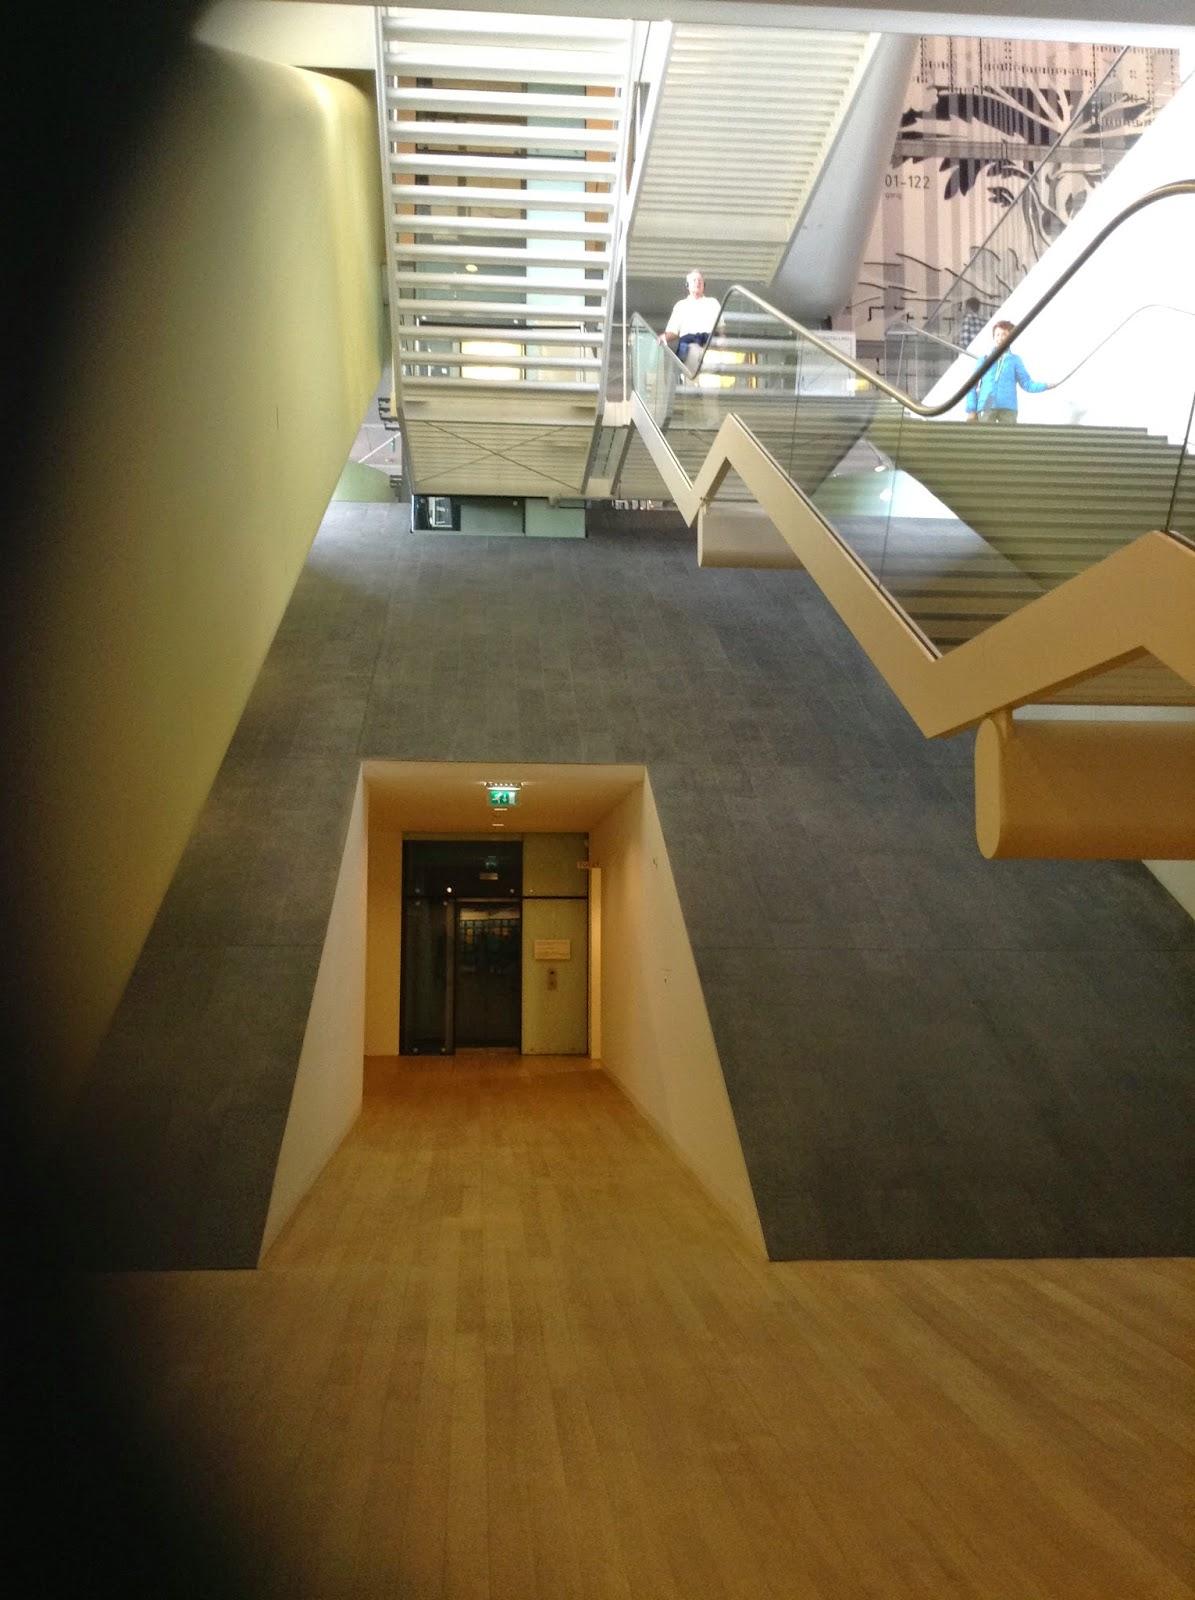 Studiebol: bezoekje stedelijk museum, 24.8.2014